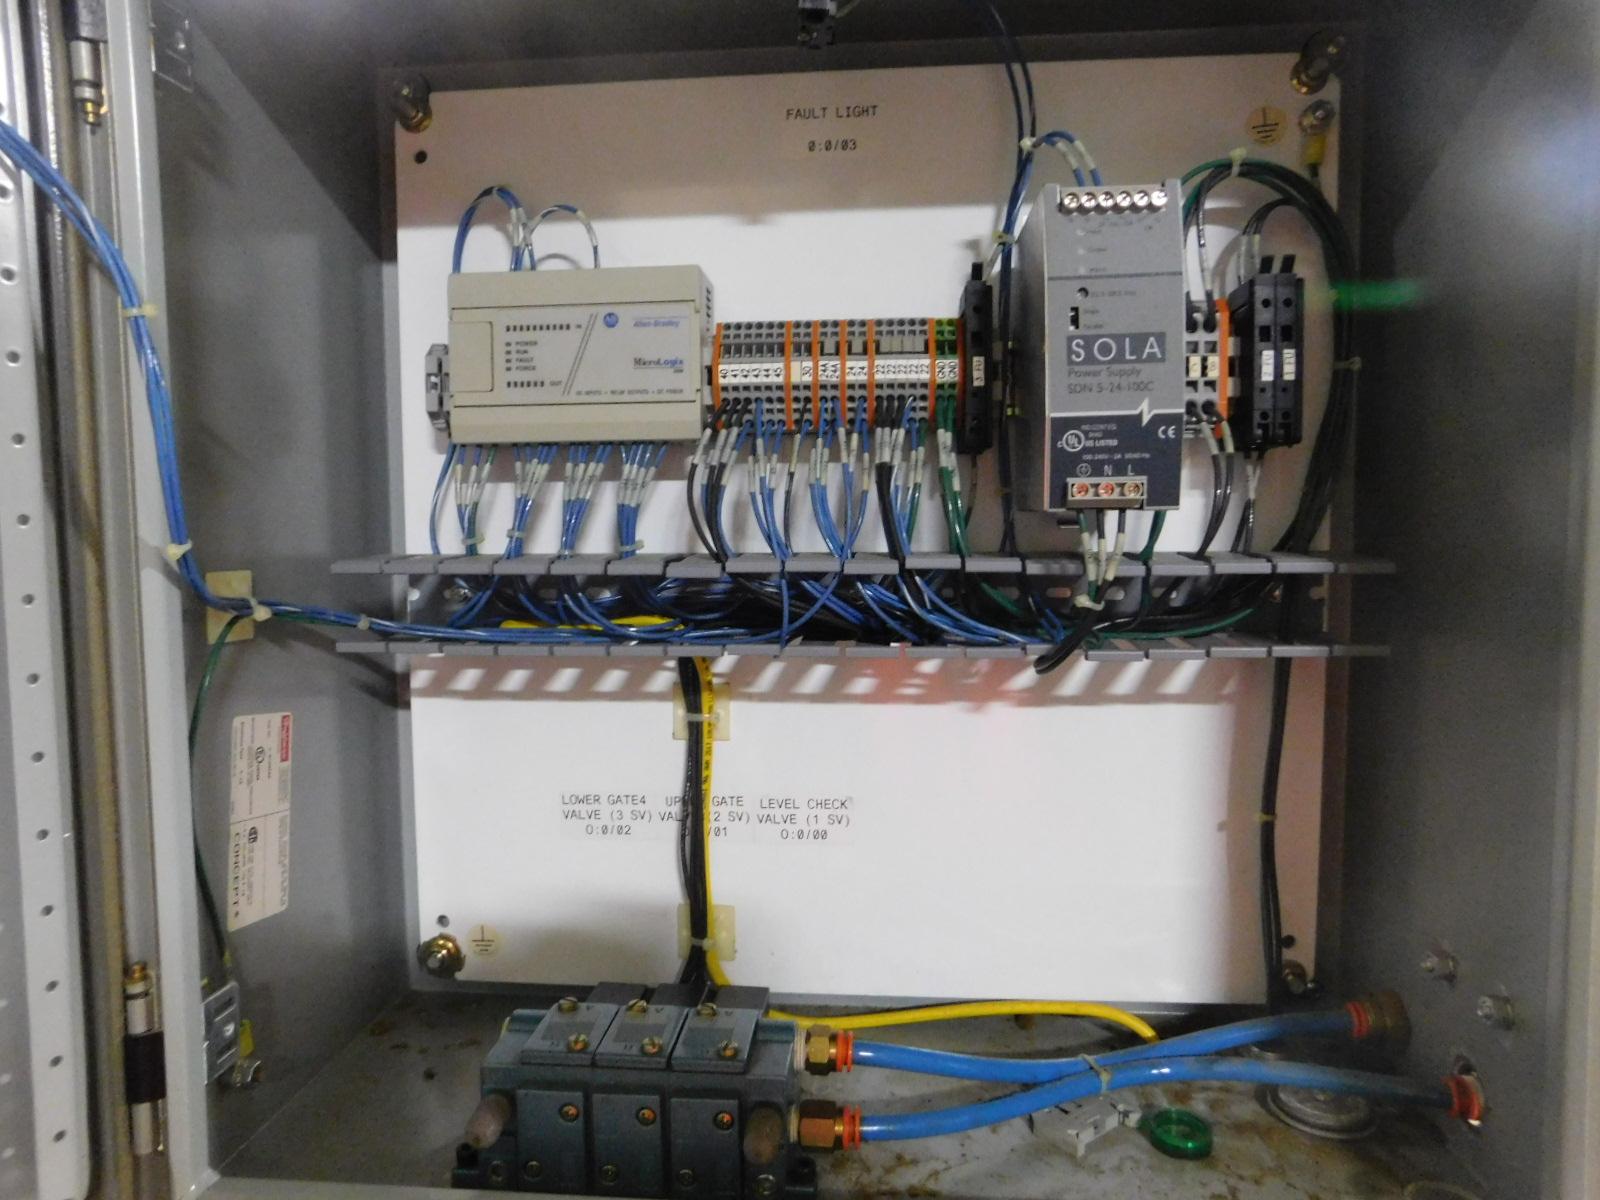 Lot 24 - Moem Glue Glue Melter ,240V,15AMPS, PHASE 3, M3A PF106-BIFQ,SN:1074,MFG. 3-2004,Top Sealer :